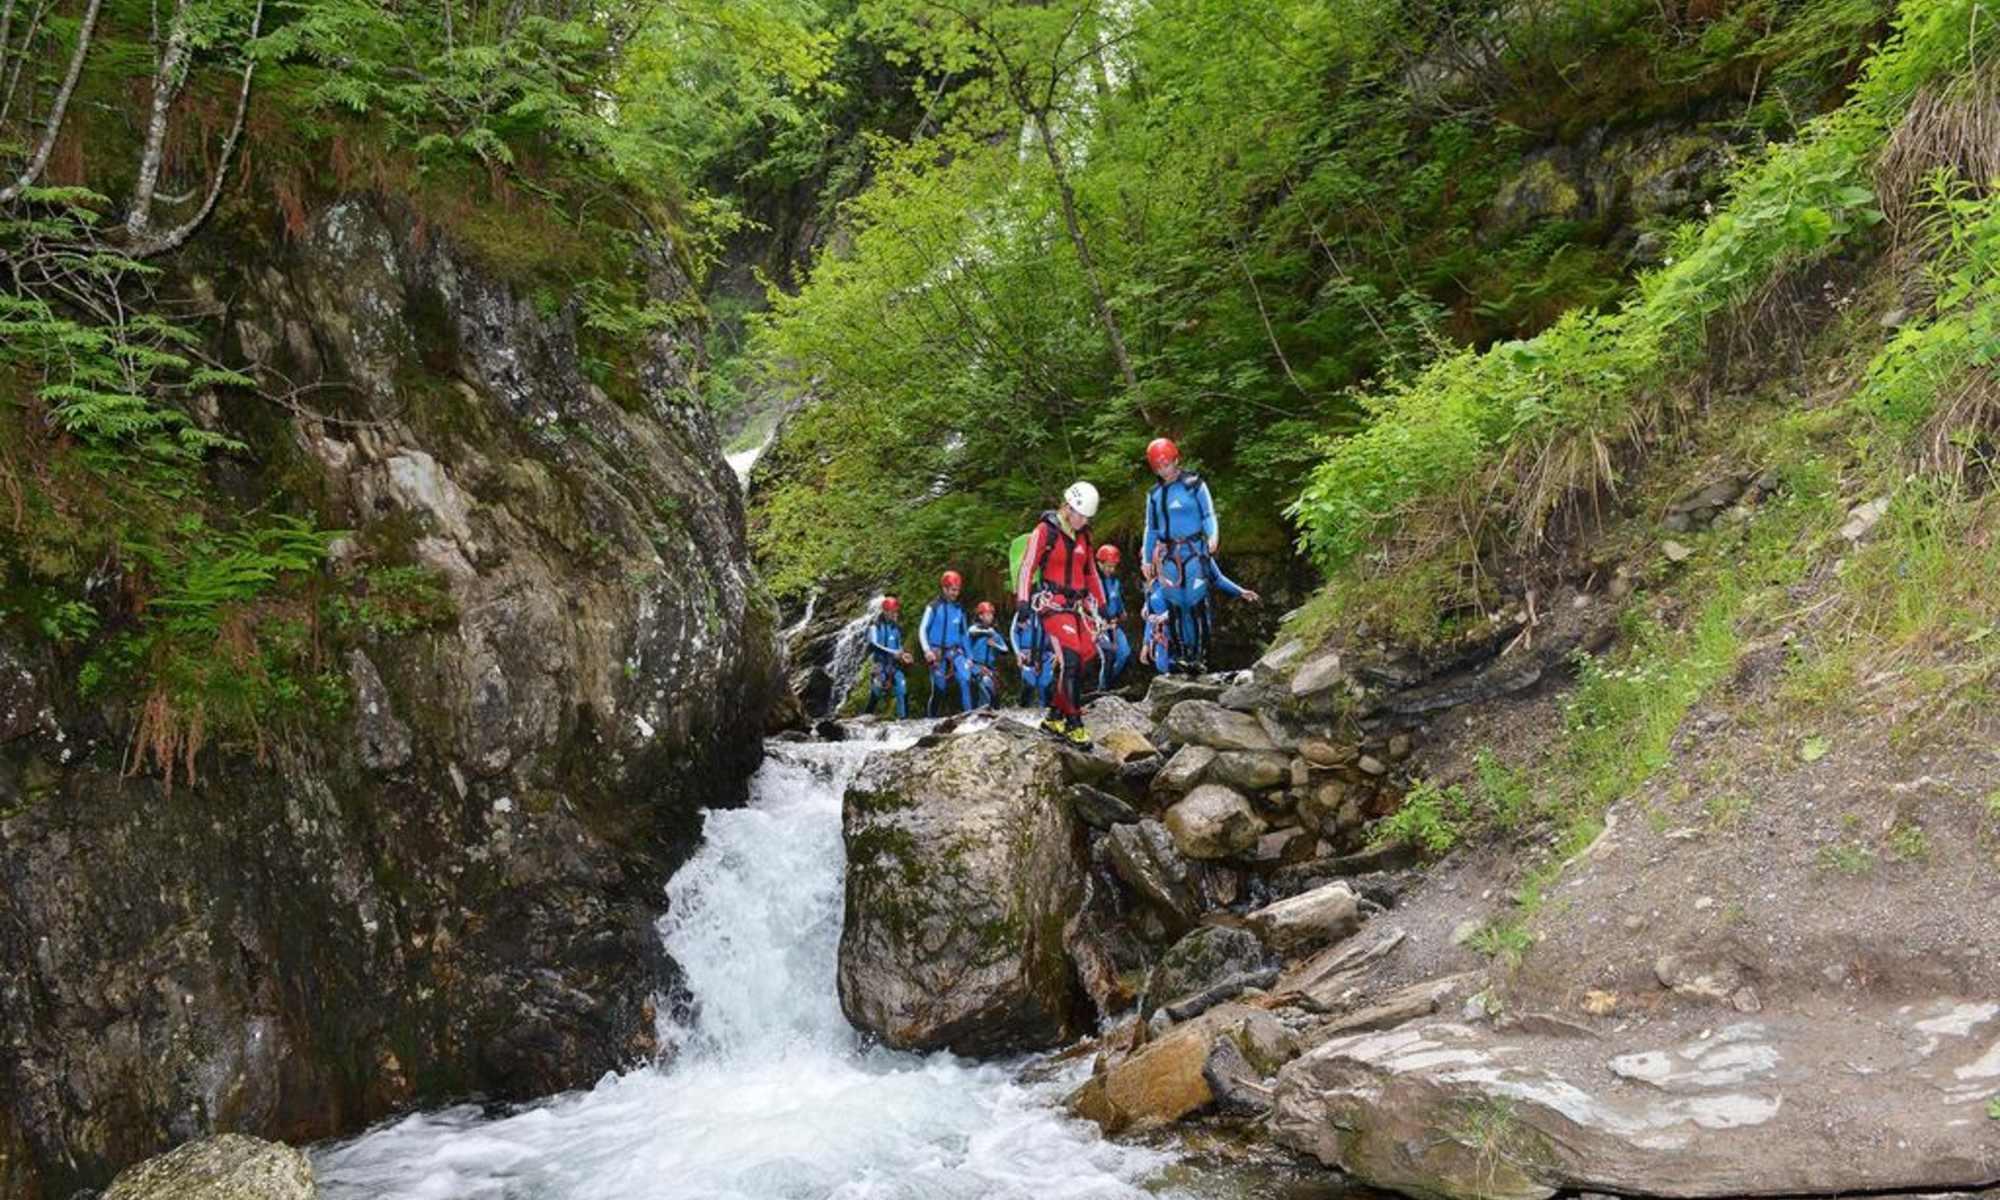 Un gruppo procede lungo il torrente mentre fa canyoning in Austria.